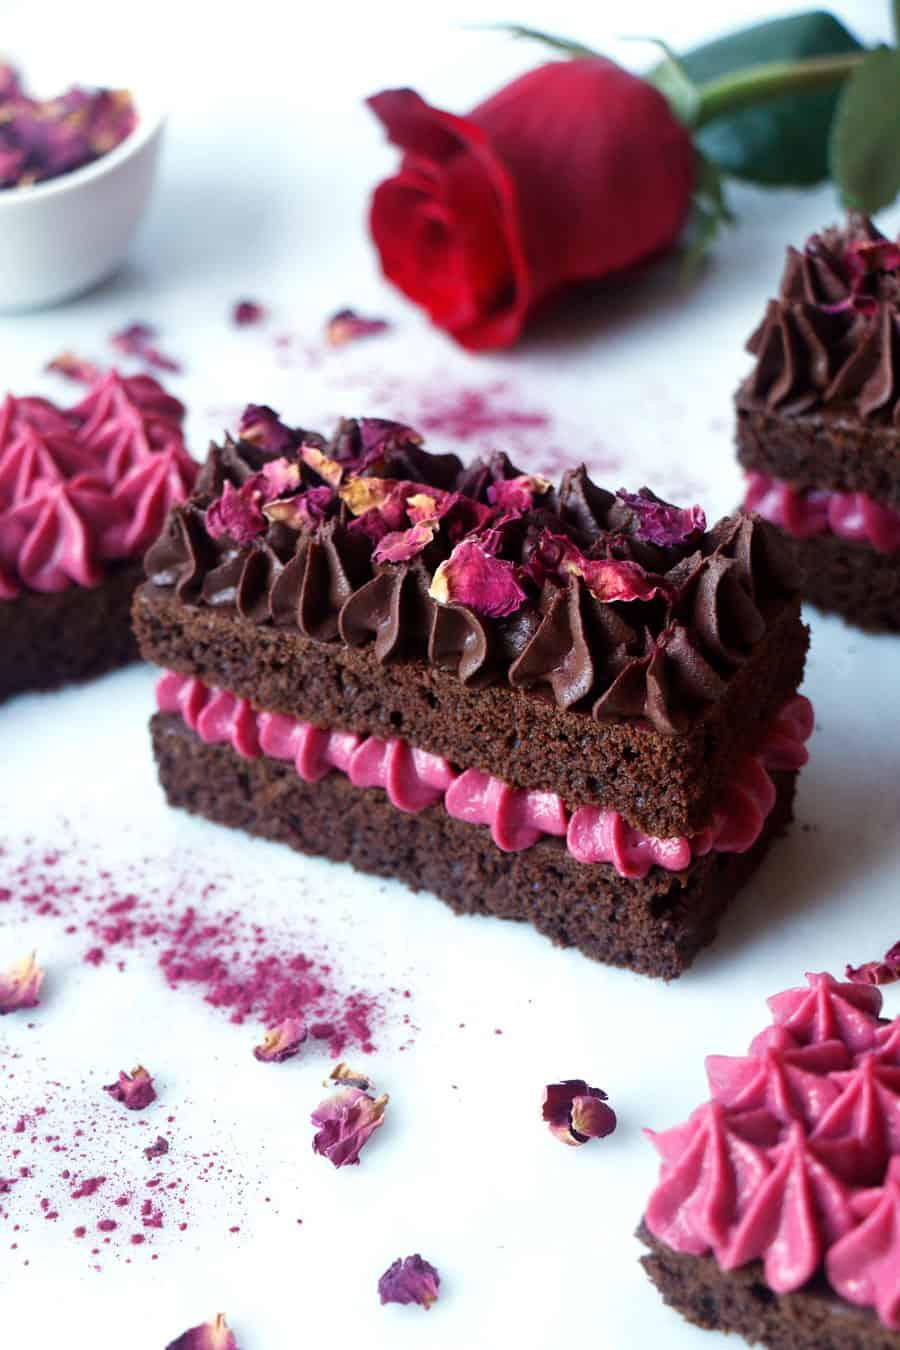 Rose Chocolate Valentine Gateau (vegan & gluten-free)